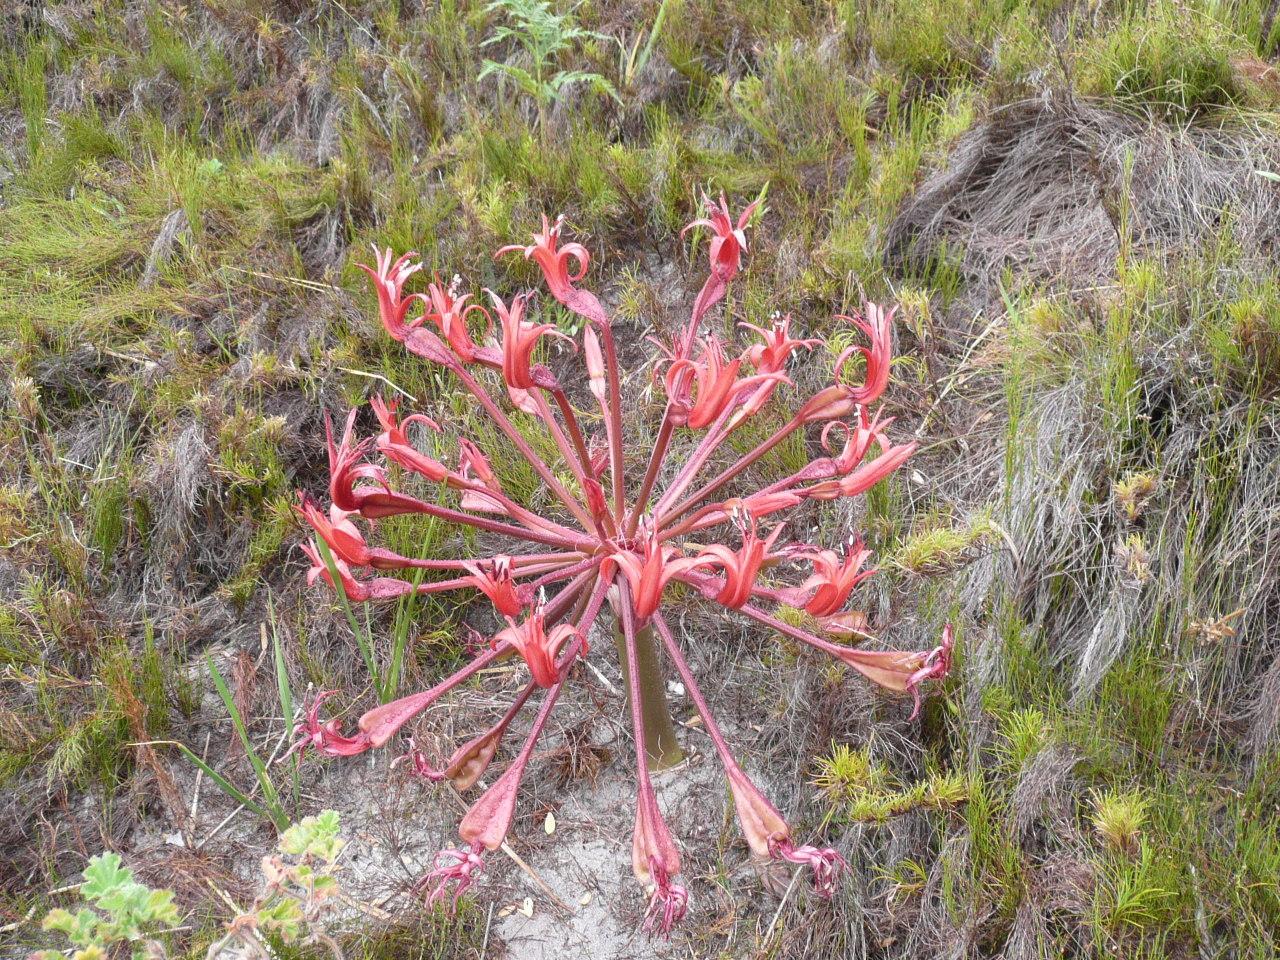 Image of Candelabra flower